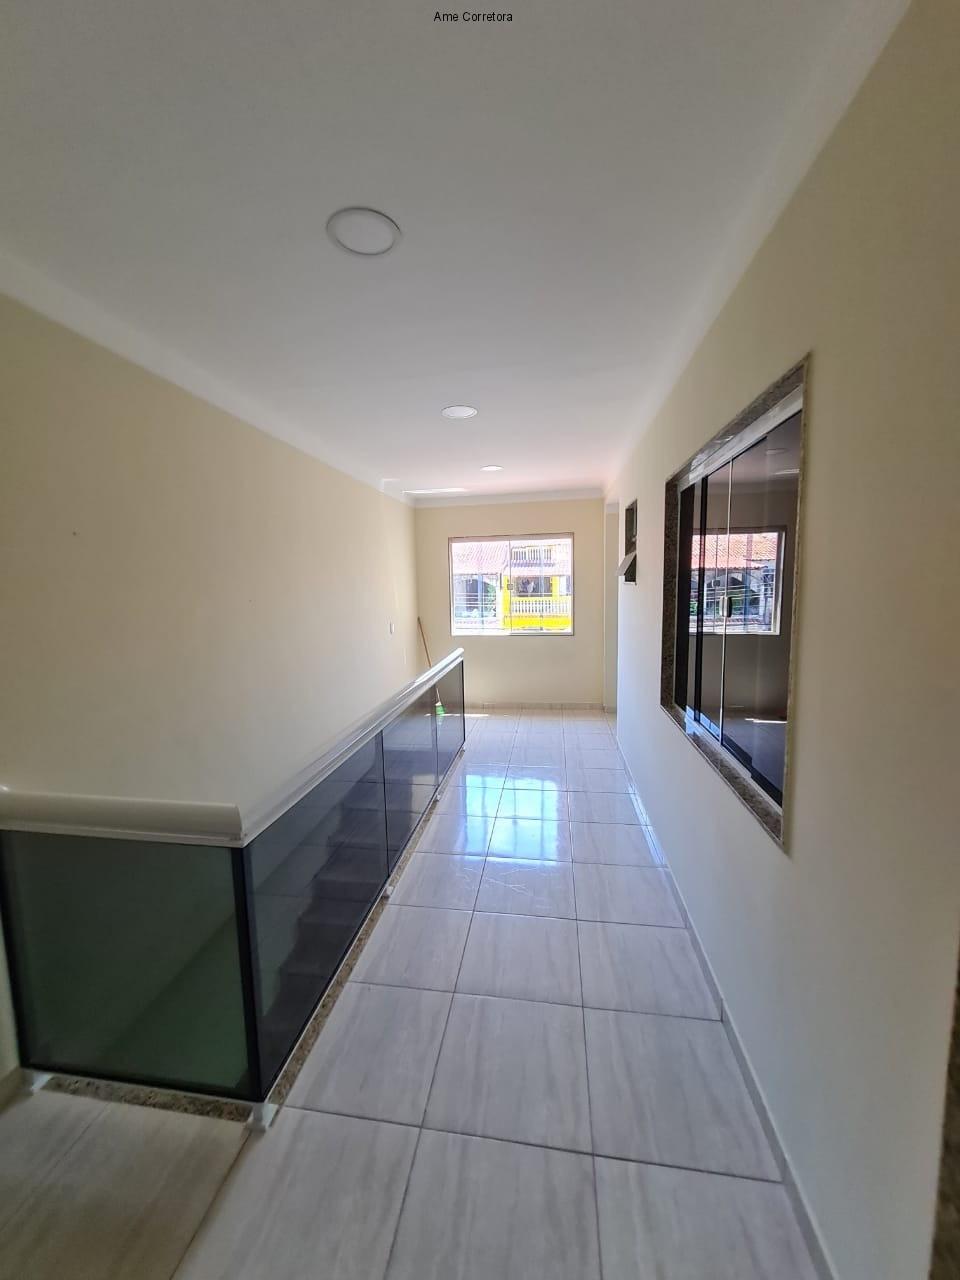 FOTO 07 - Casa 3 quartos à venda Bangu, Rio de Janeiro - R$ 480.000 - CA00872 - 7